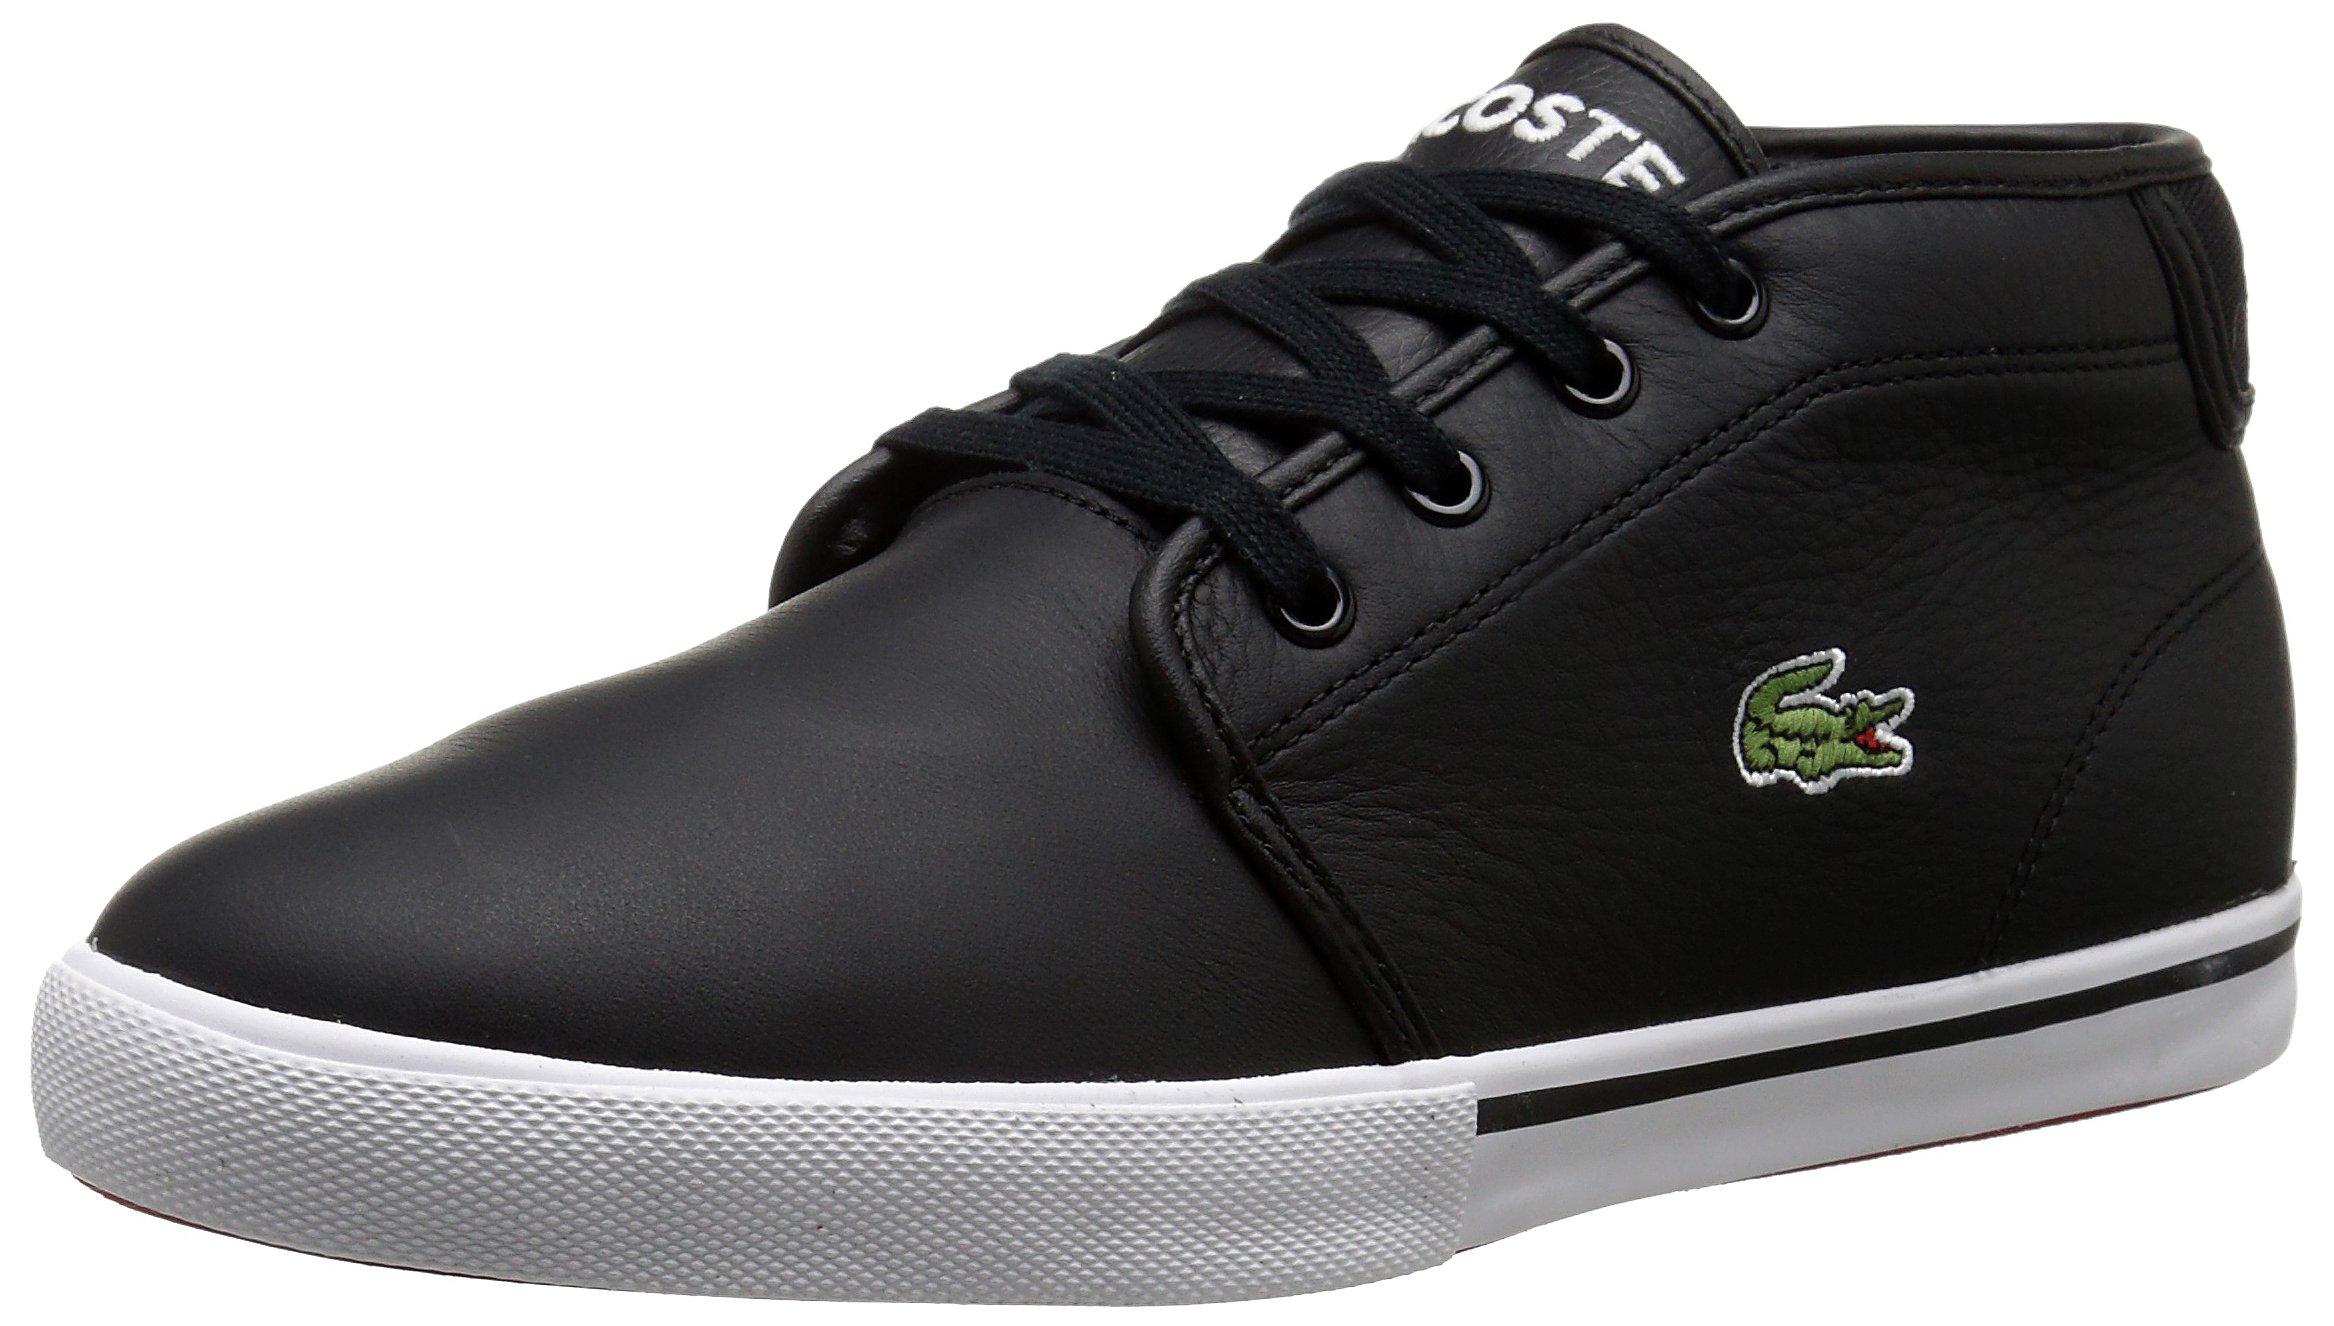 2ad56975975d Lacoste Shoes Men 10 Top Deals   Lowest Price